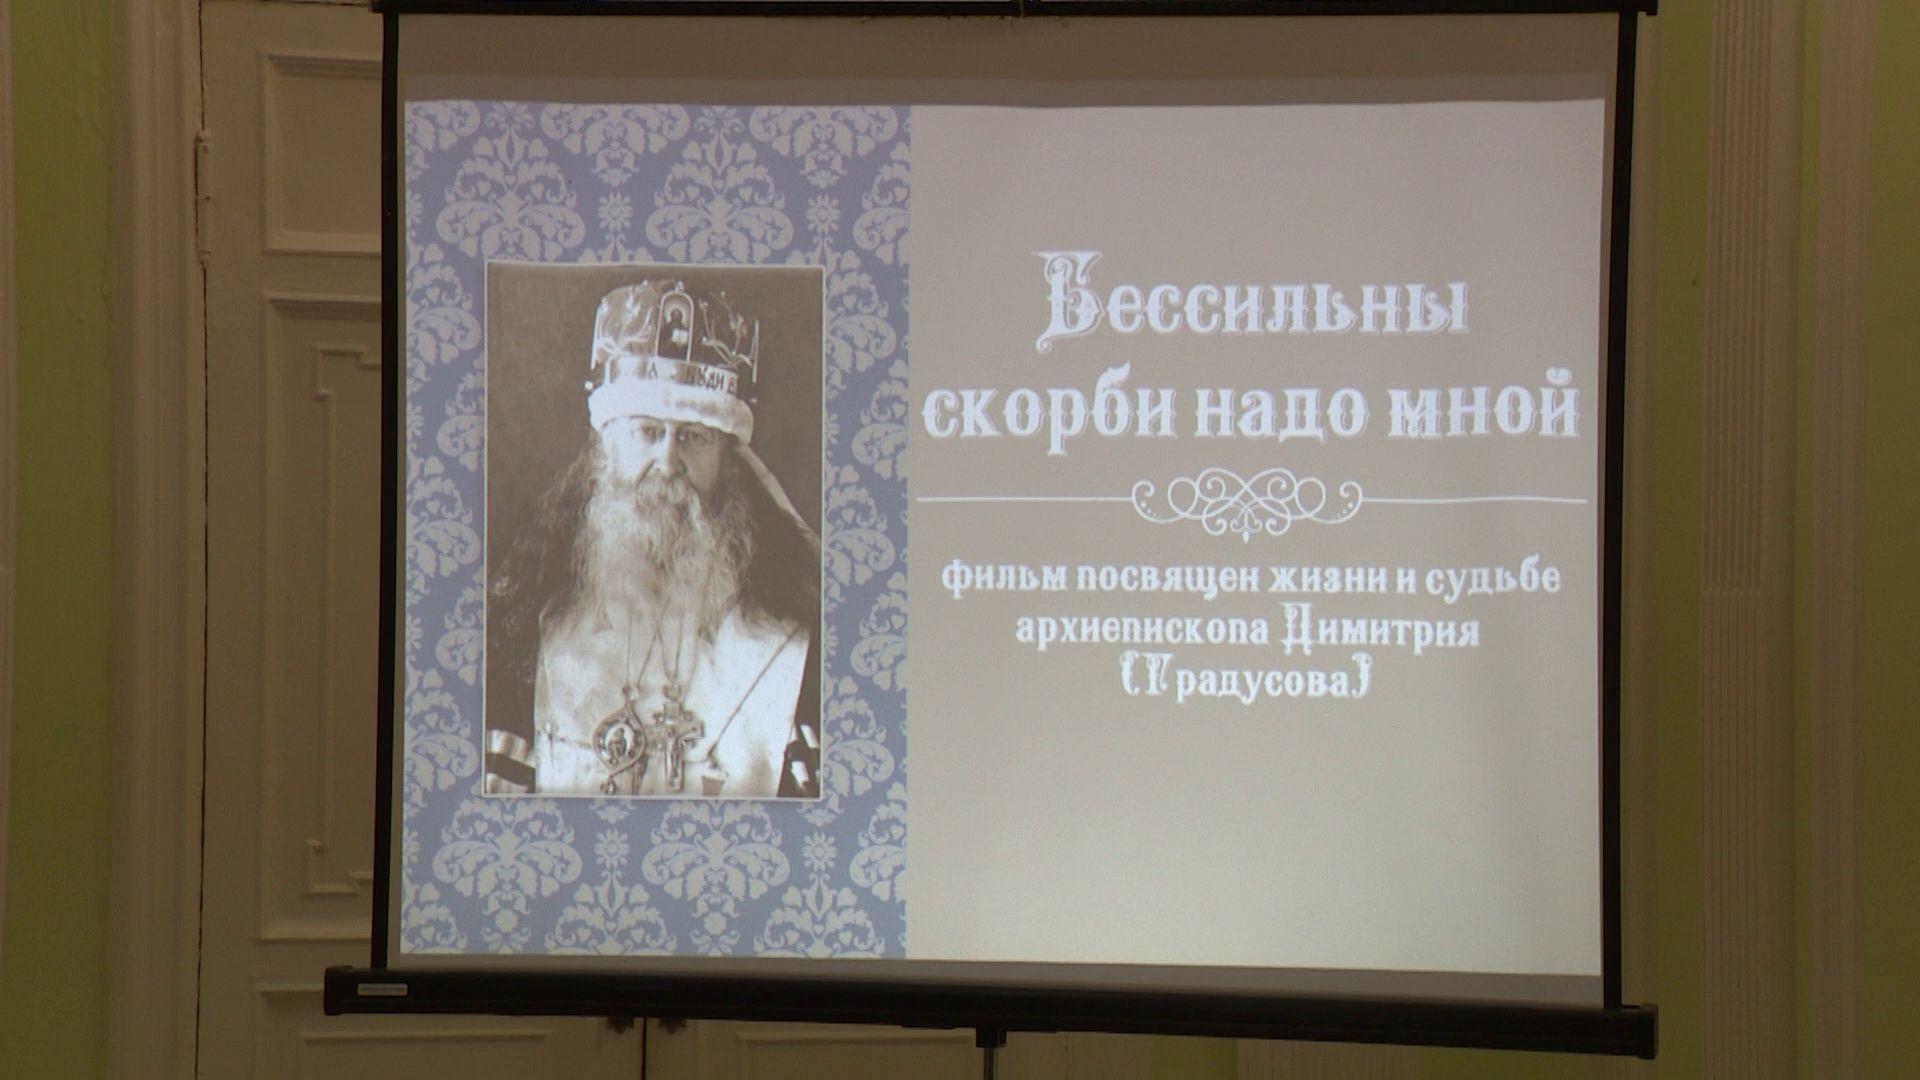 В Ярославле презентовали фильм «Бессильны скорби надо мной»